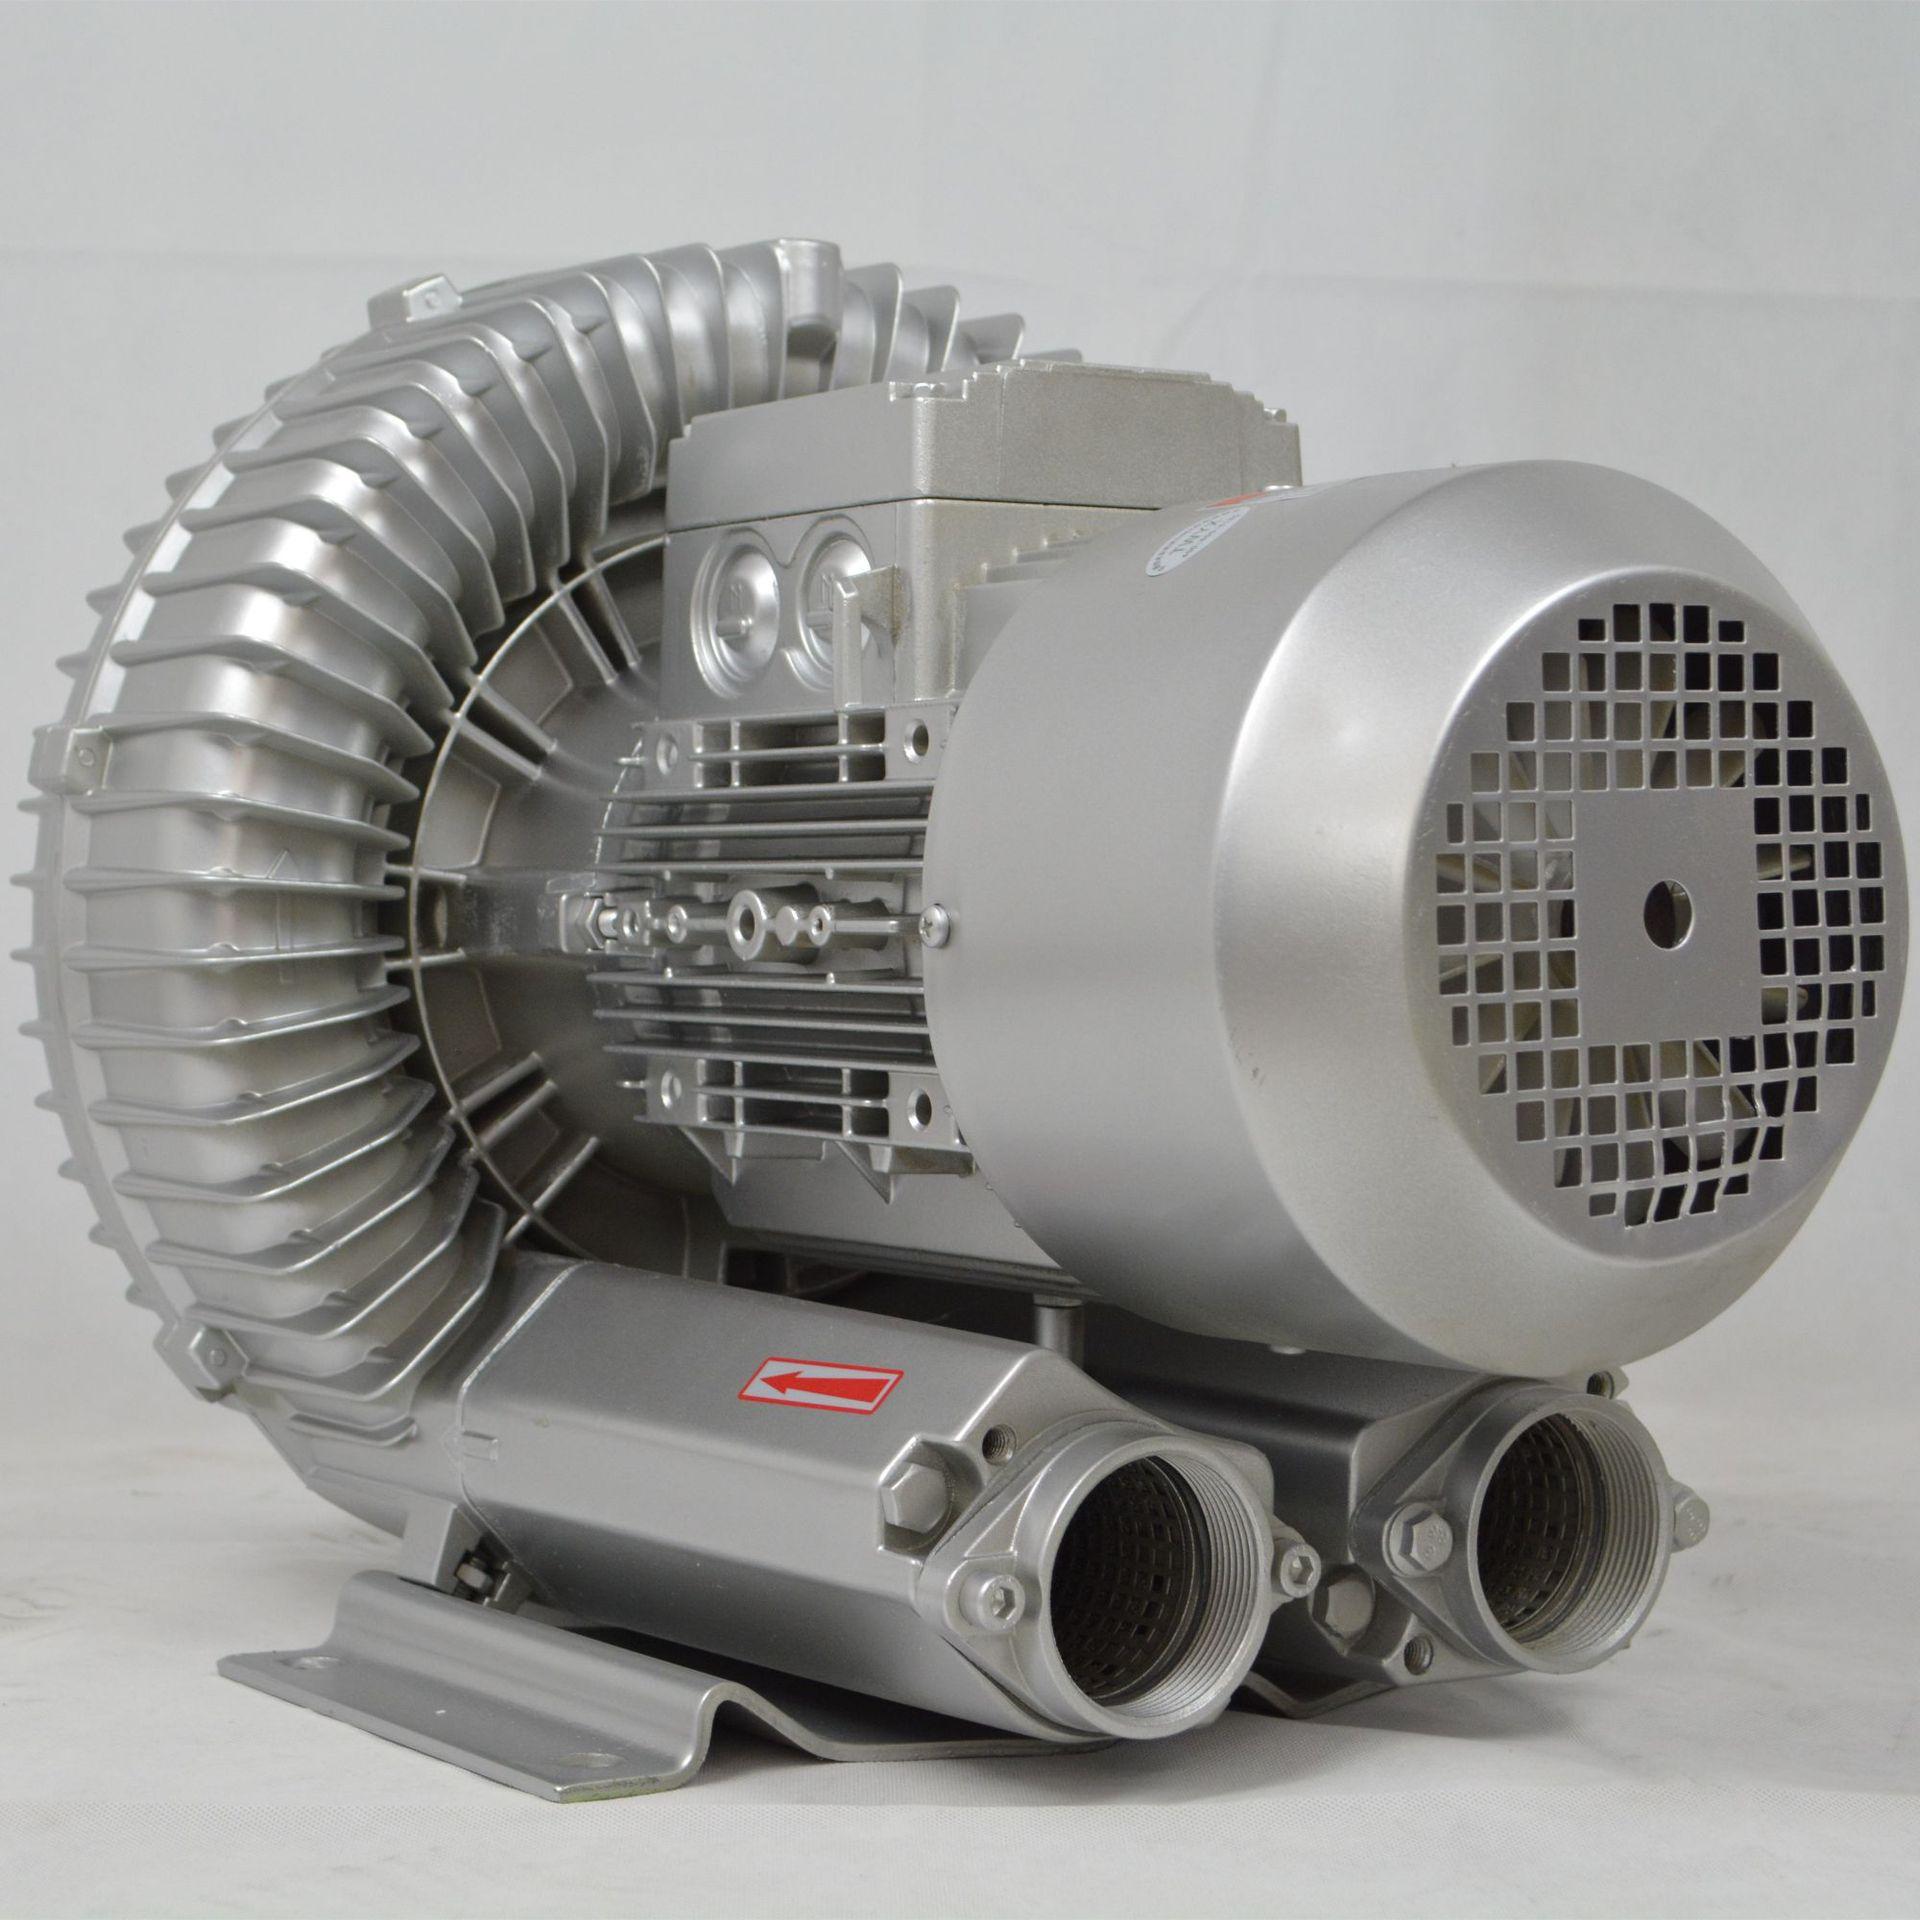 低噪音高壓風機 污水曝氣專用雙葉輪高壓風機 大風量高壓鼓風機示例圖3